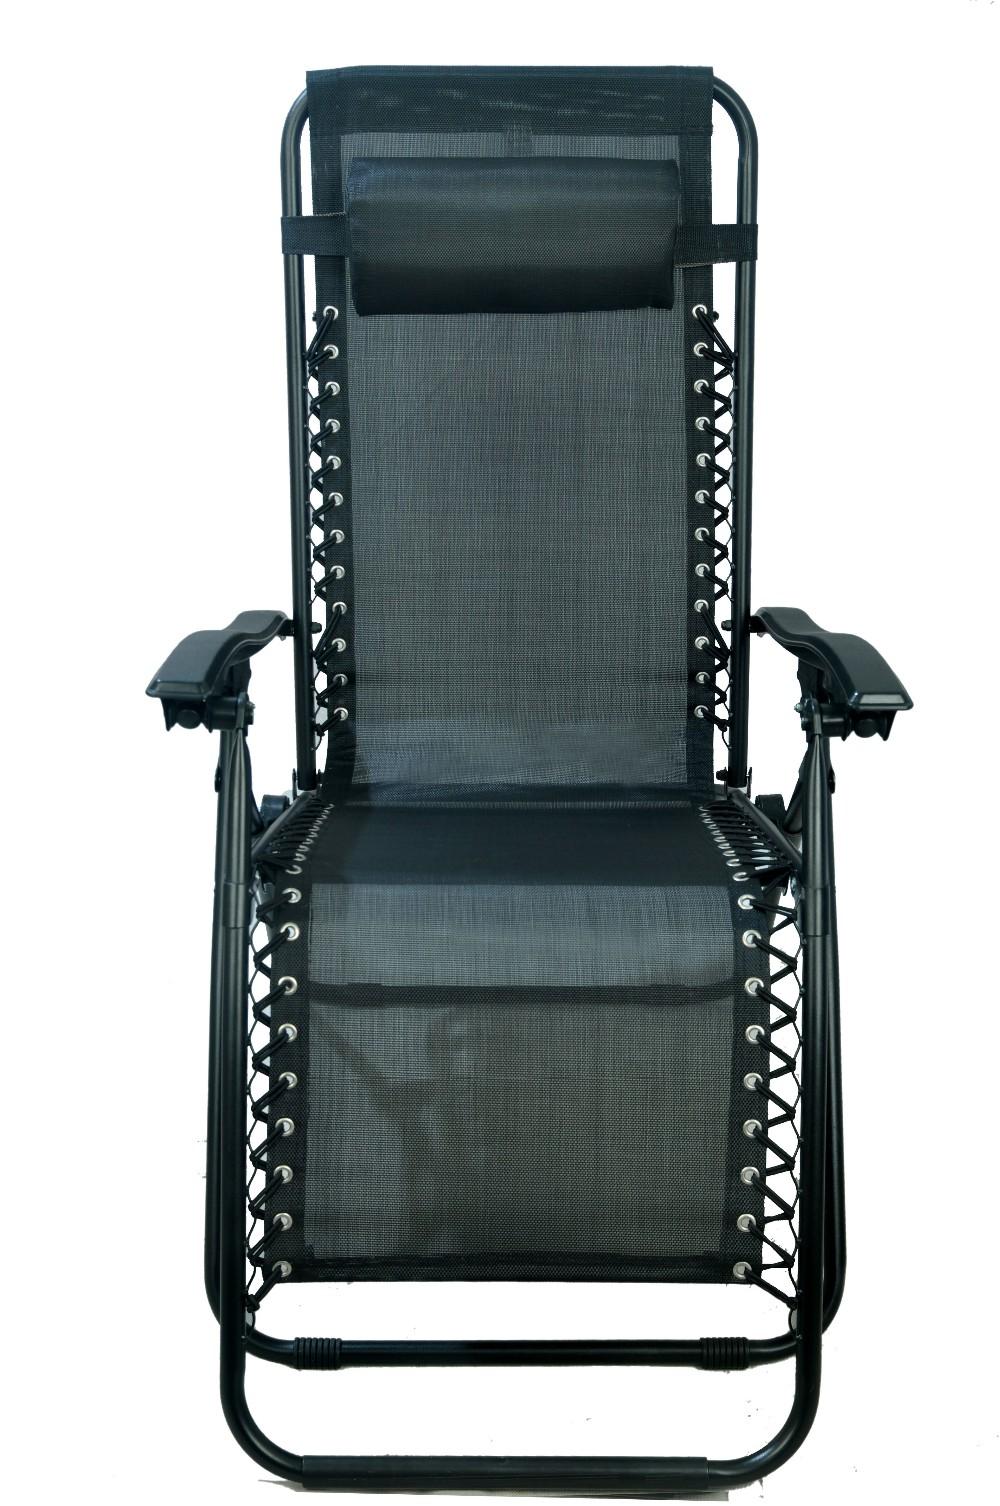 China Beach Reclining Chair China Beach Reclining Chair